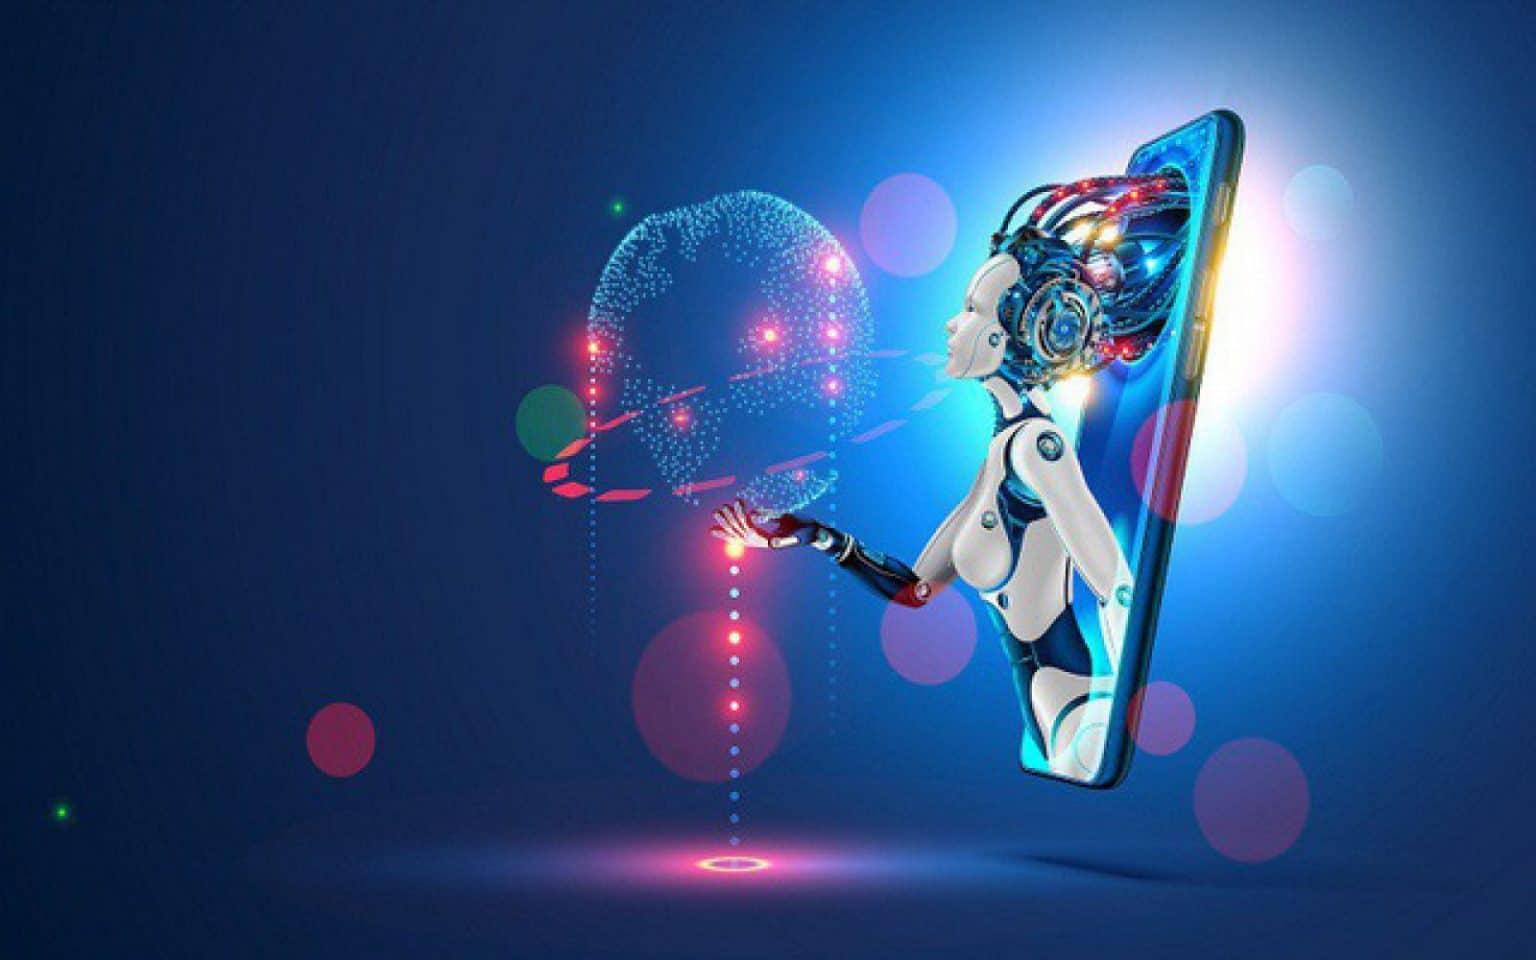 Ứng dụng trí tuệ nhân tạo AI vào sản phẩm, Startup tạo ra những sản phẩm hấp dẫn hút khách